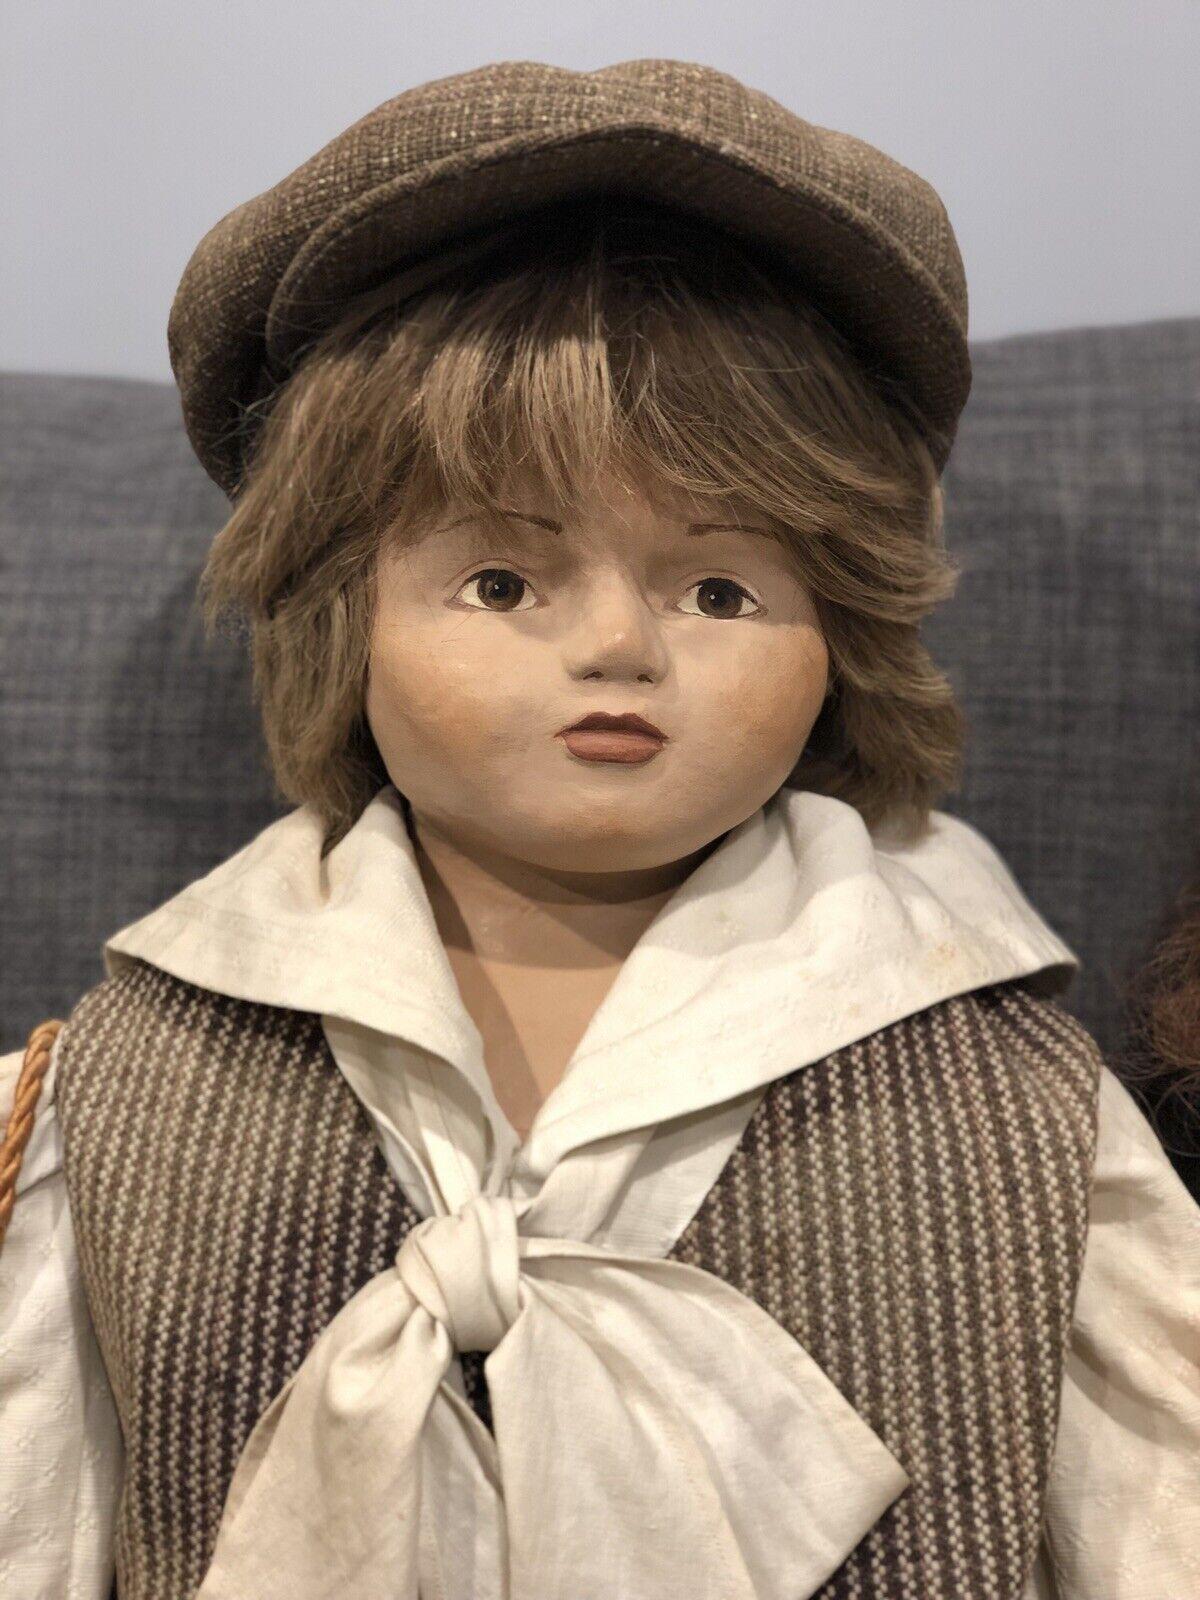 Artisan uno de una clase esculpido Cabeza Vintage Grande niño + niña prendas Muñecas en Antiguo